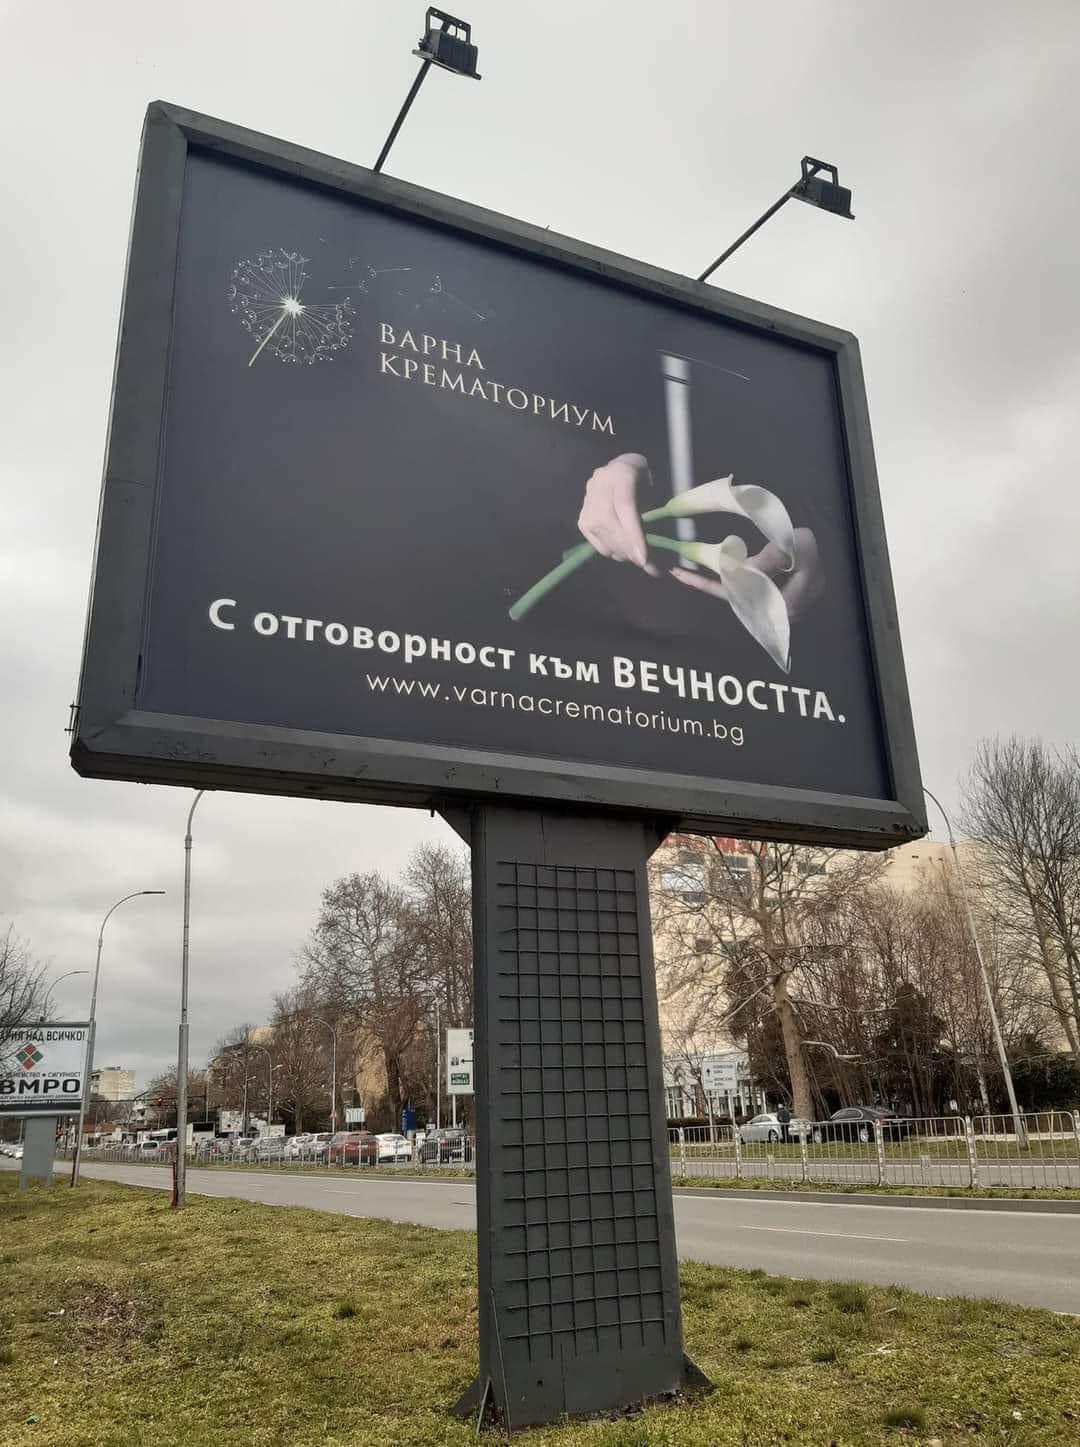 С отговорност към вечността, Крематориум - Варна